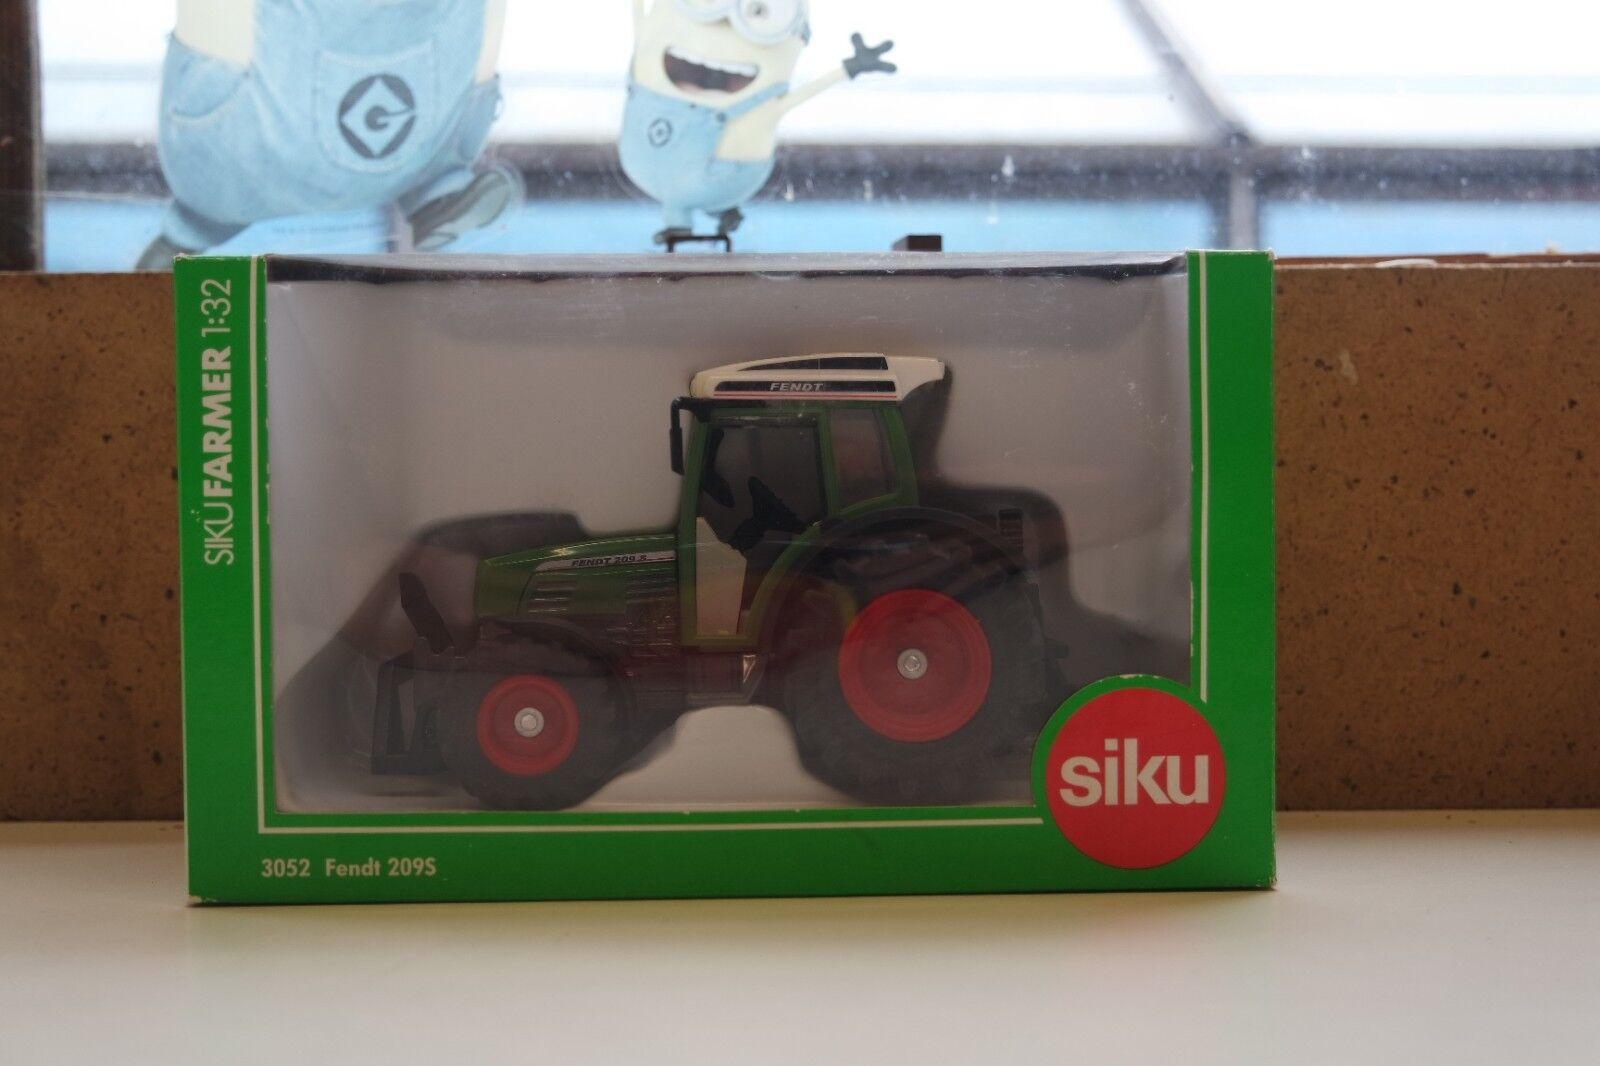 tomar hasta un 70% de descuento Siku Granjero 3052 Fendt Agricultor () 209 S S S 1 32  Para tu estilo de juego a los precios más baratos.